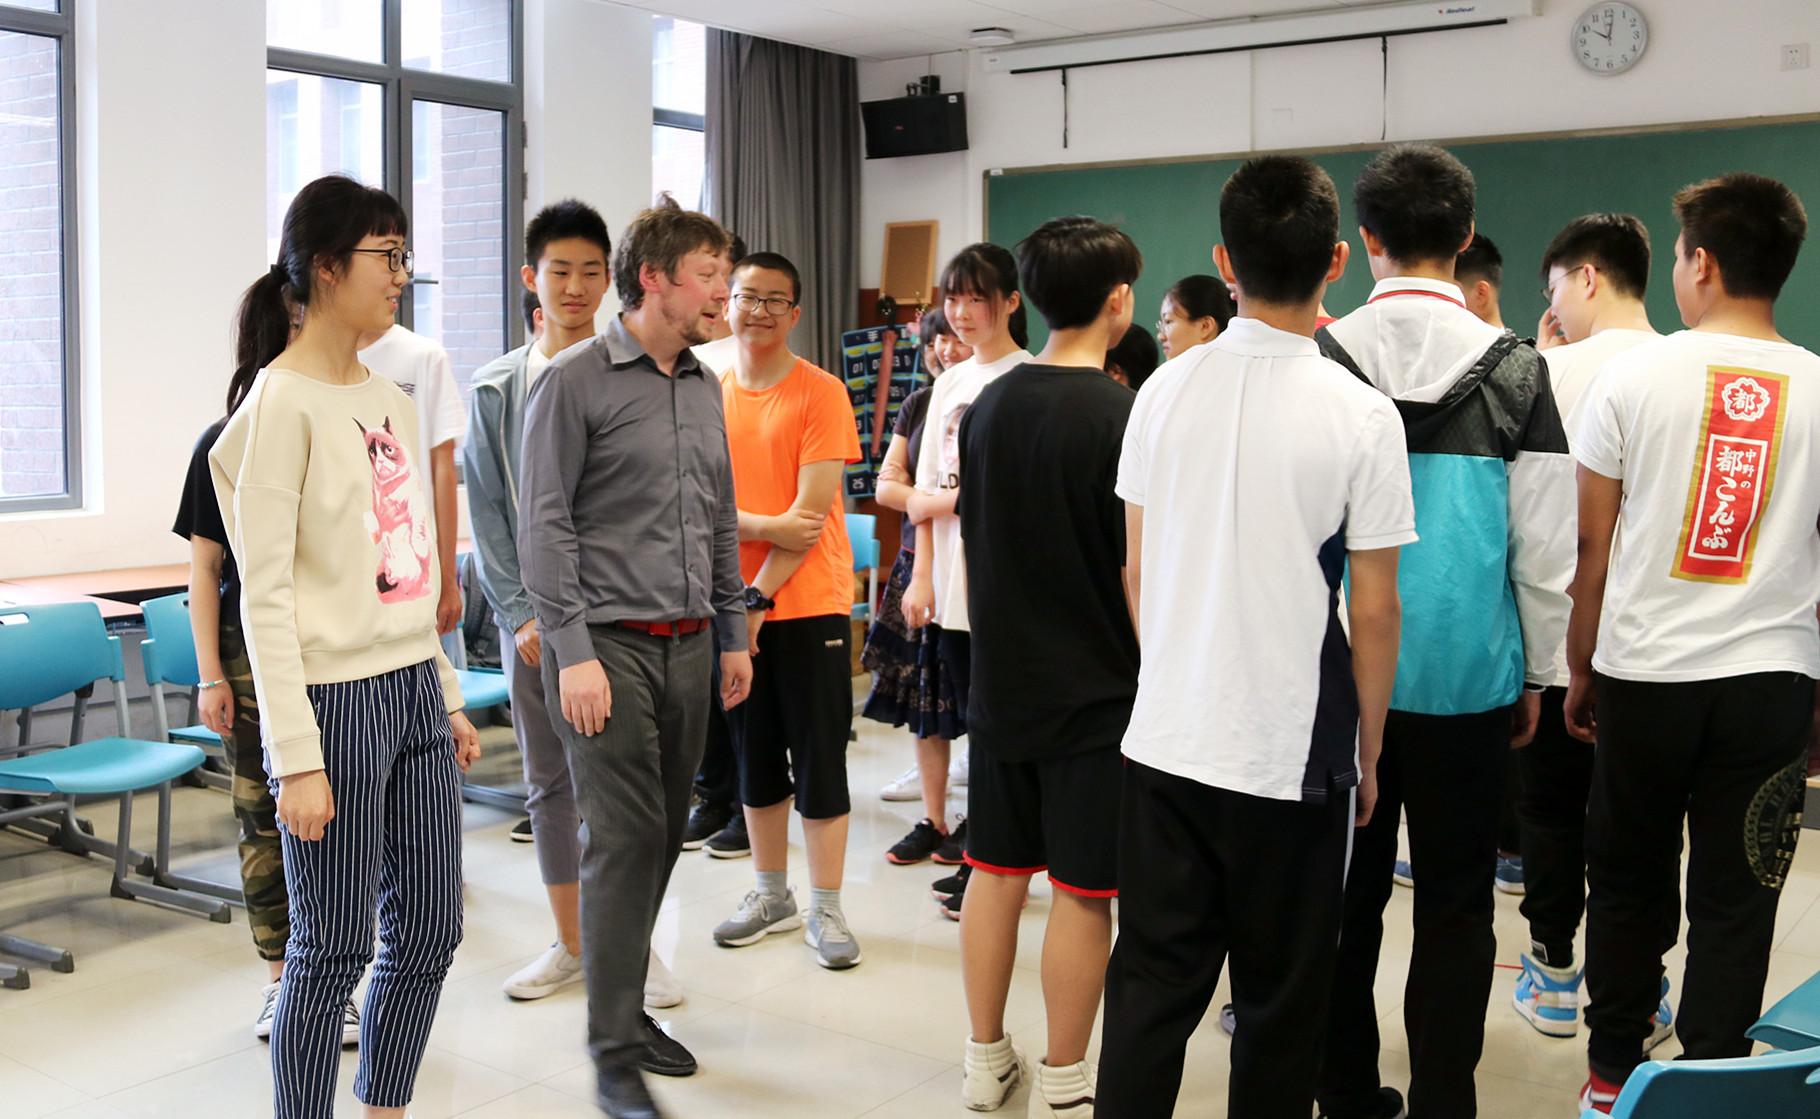 教学观察∣北京外国语大学国际高中周末班开课啦!中外精英教师倾情授课,以北外为起点,打开孩子们探索世界